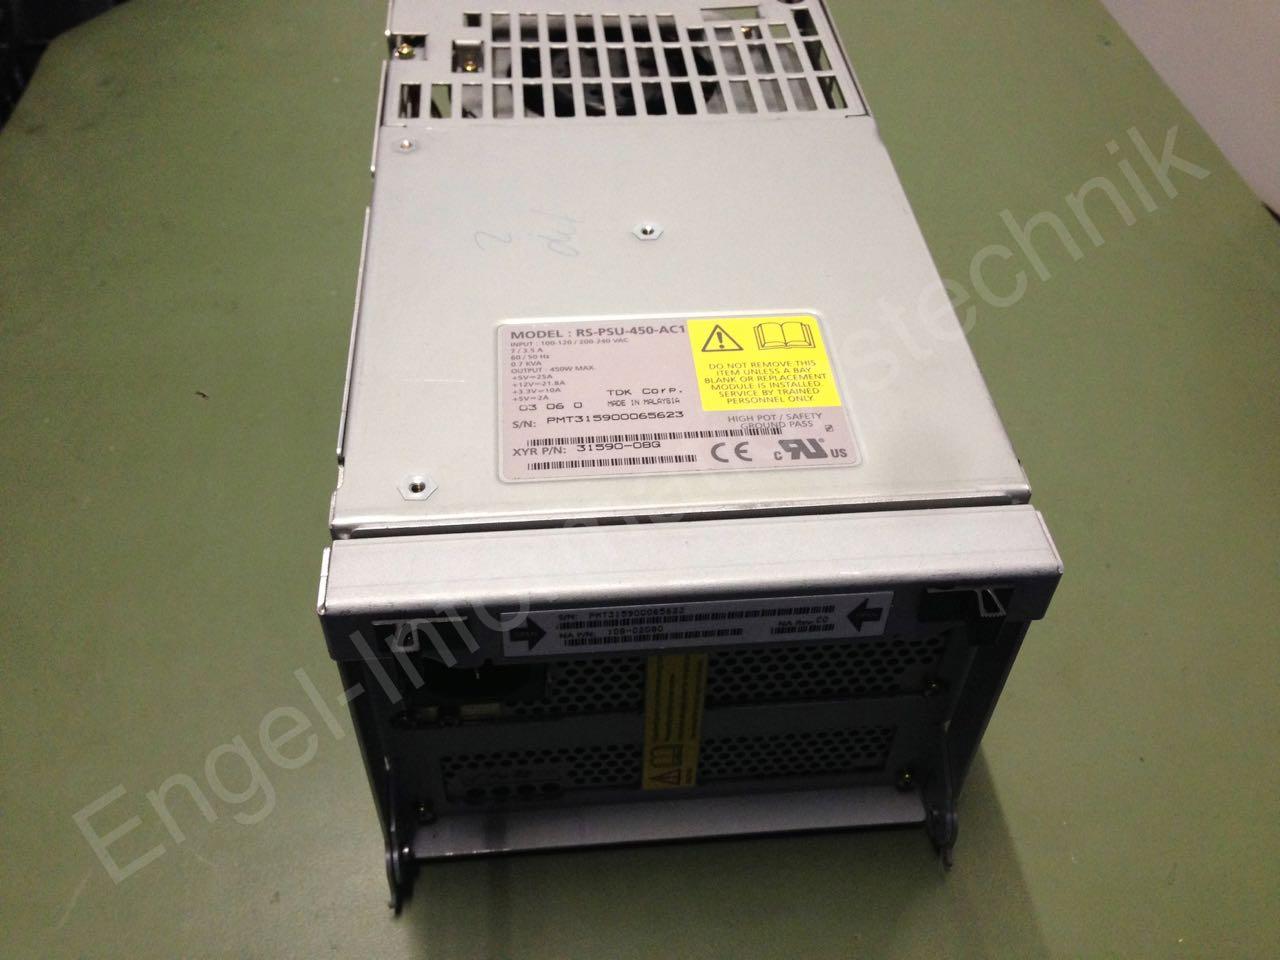 RS-PSU-450-AC1